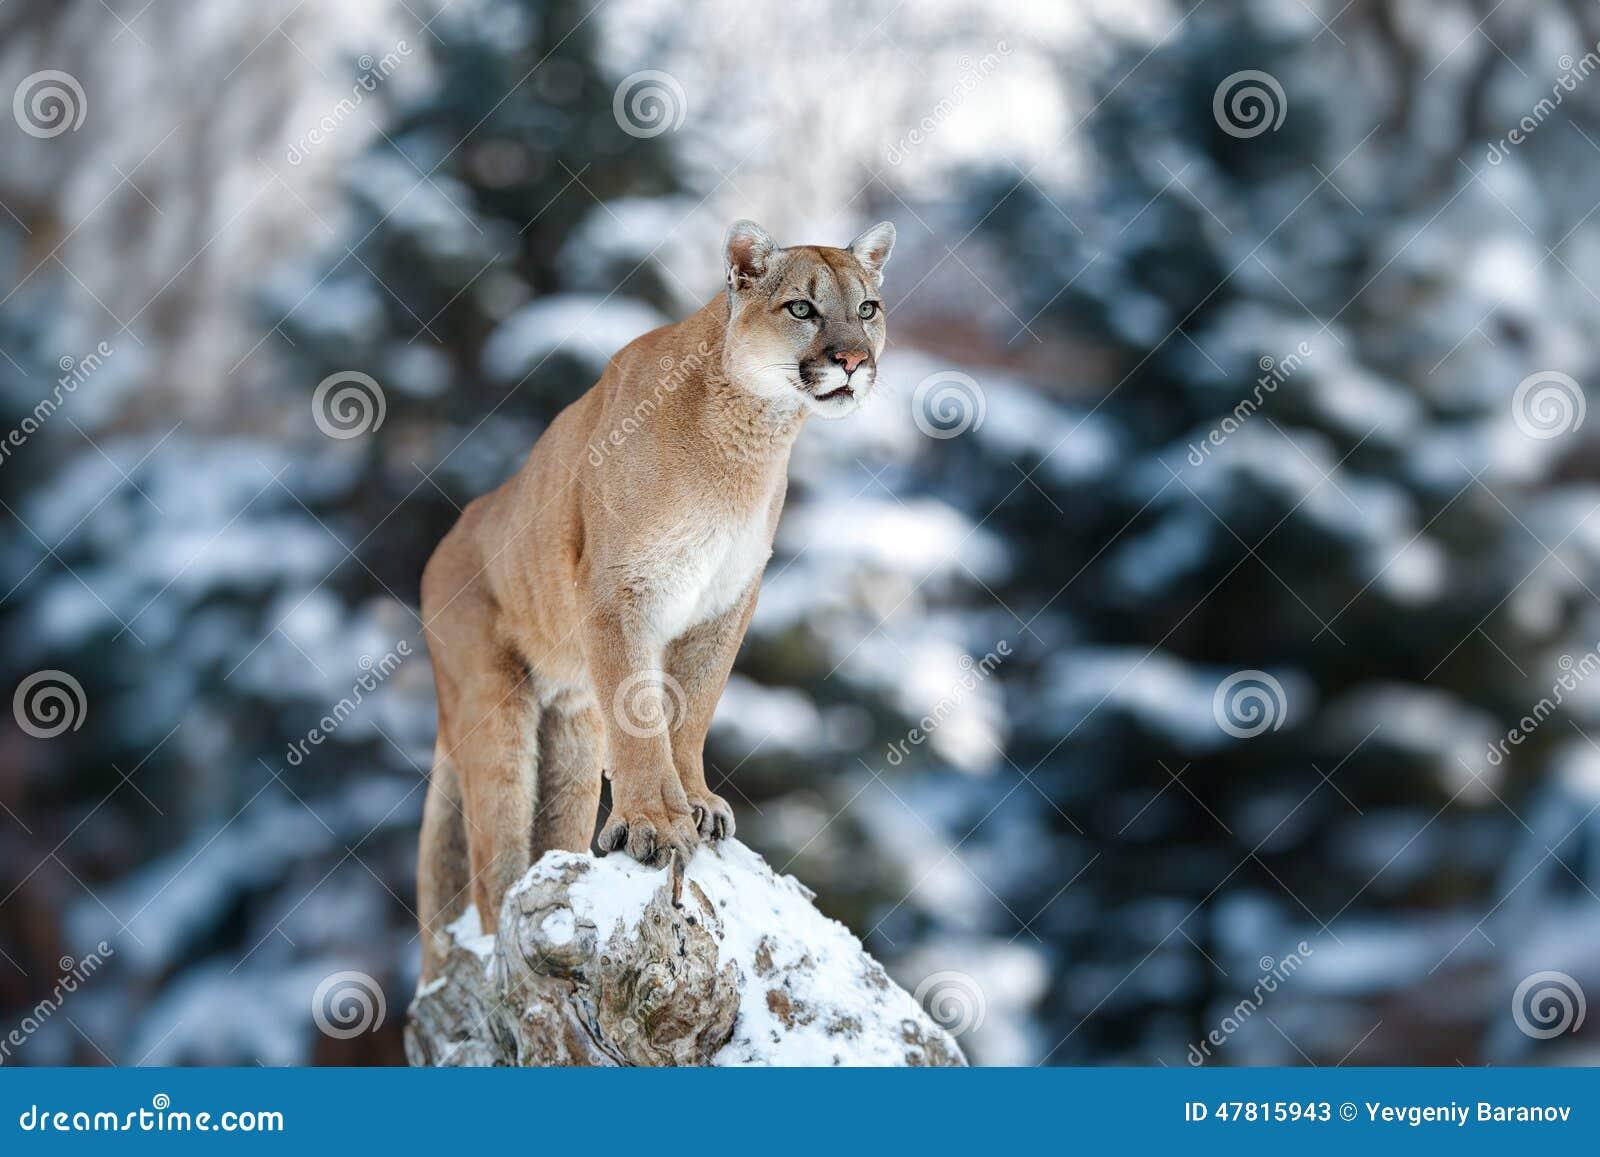 Retrato de um puma, leão de montanha, puma, pantera, golpeando um p